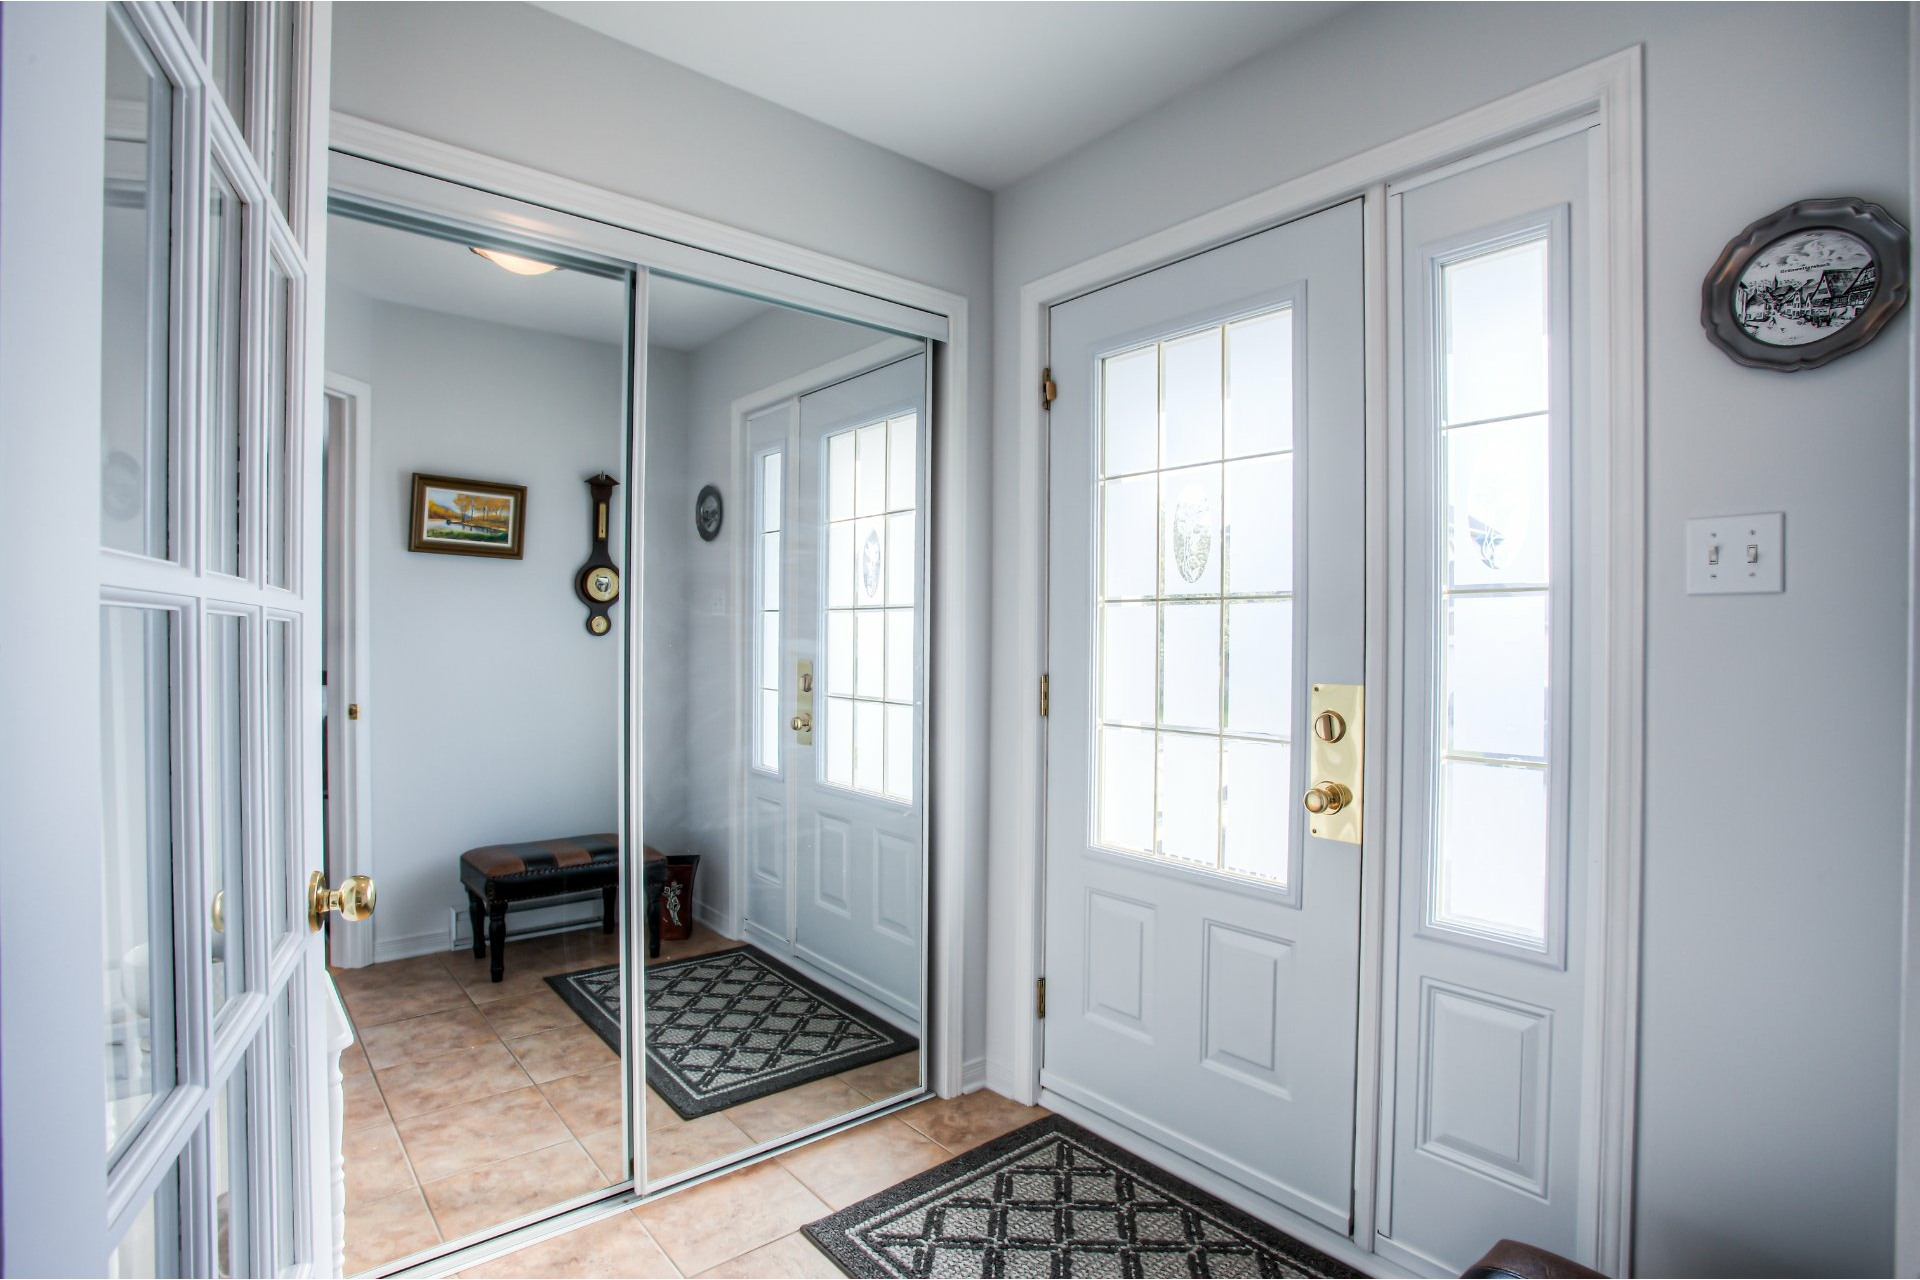 image 1 - Maison À vendre Vaudreuil-Dorion - 9 pièces